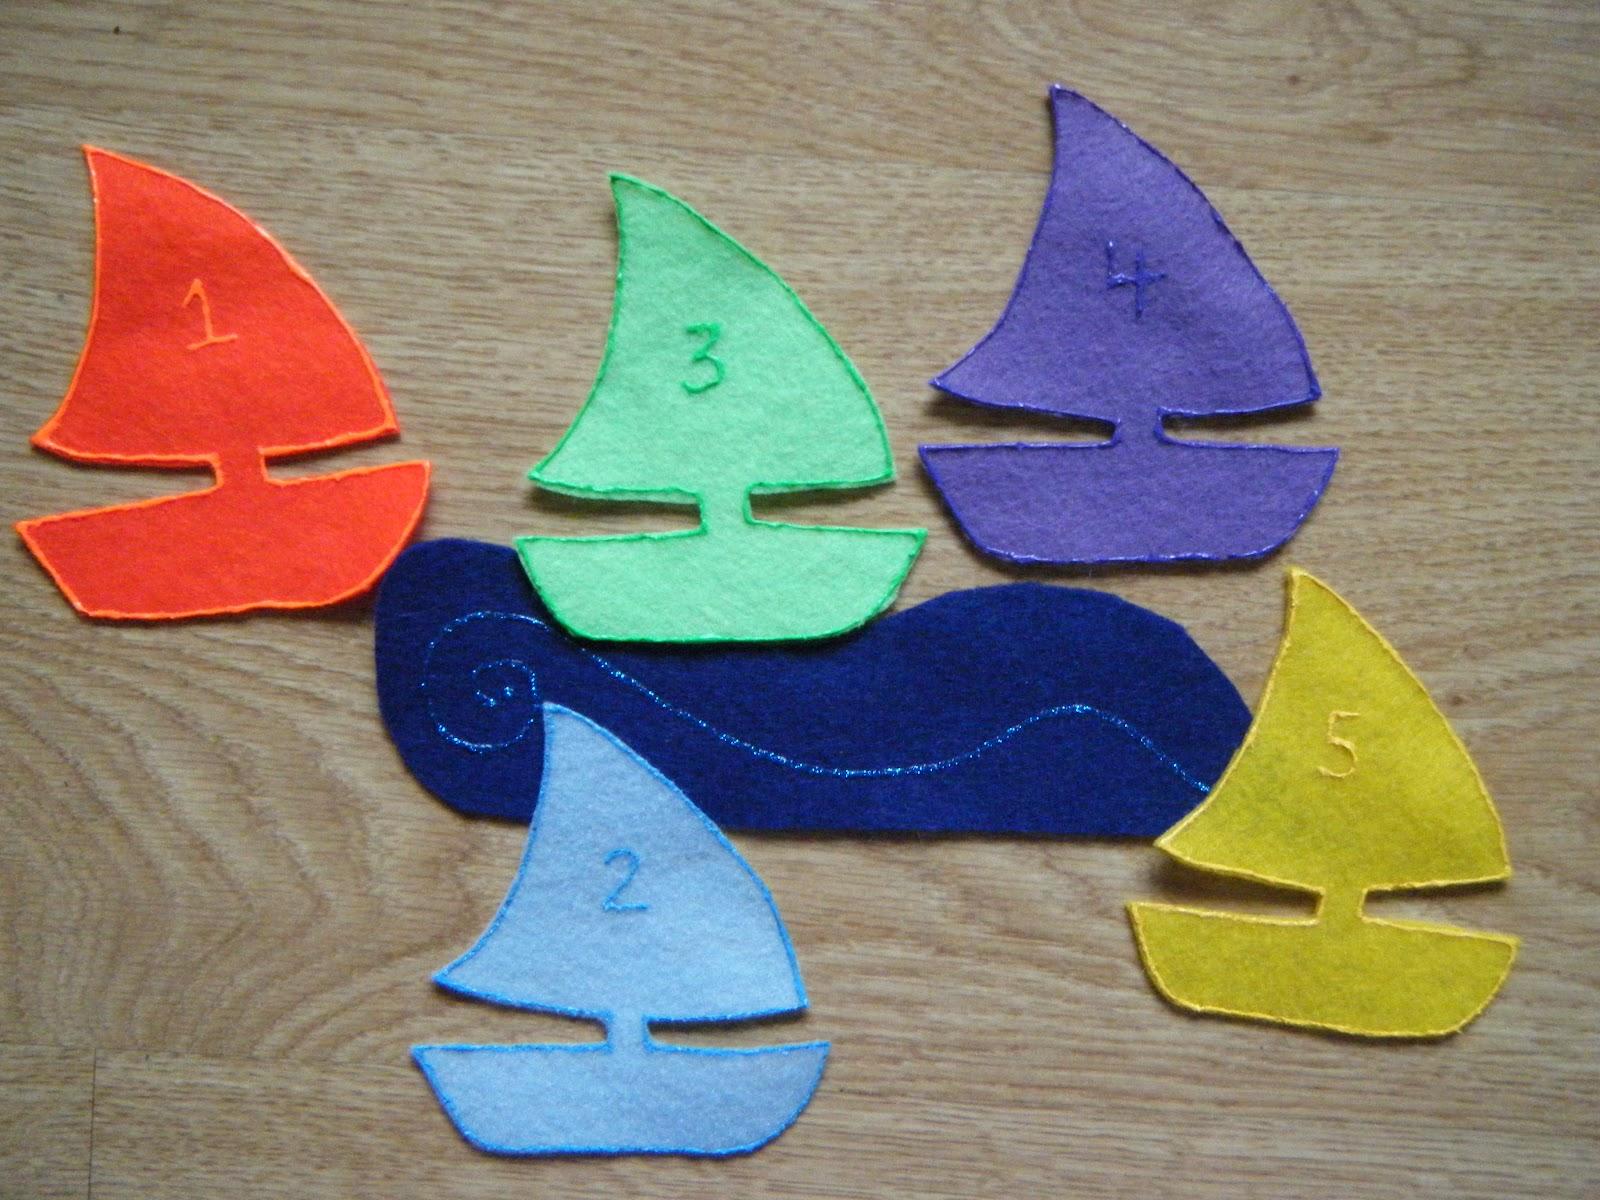 Felt Board Ideas Five Little Sailboats Felt Board Poem